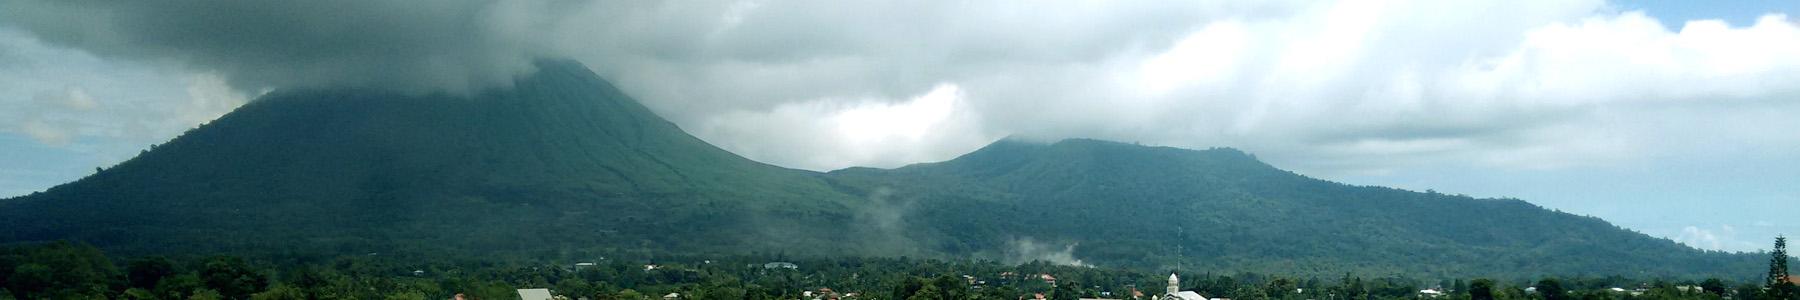 De vulkaan Lokon, het uitzicht van mijn jeugd